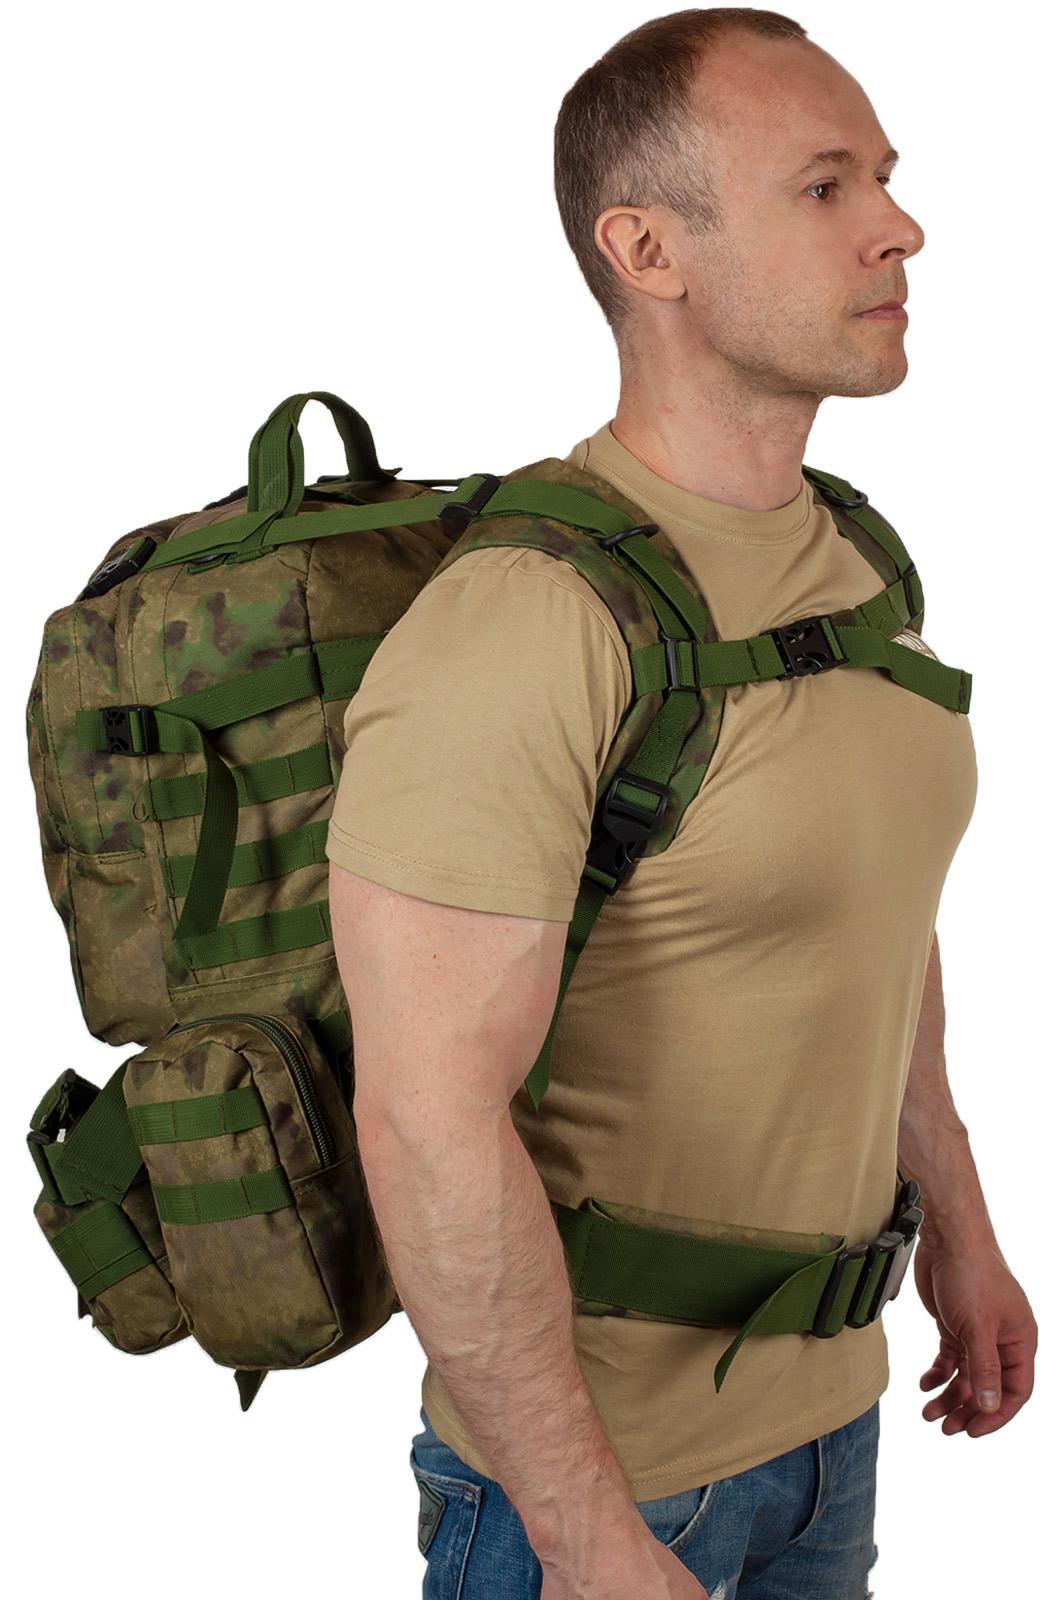 Тактический рюкзак с подсумком с нашивкой для охотников купить в подарок